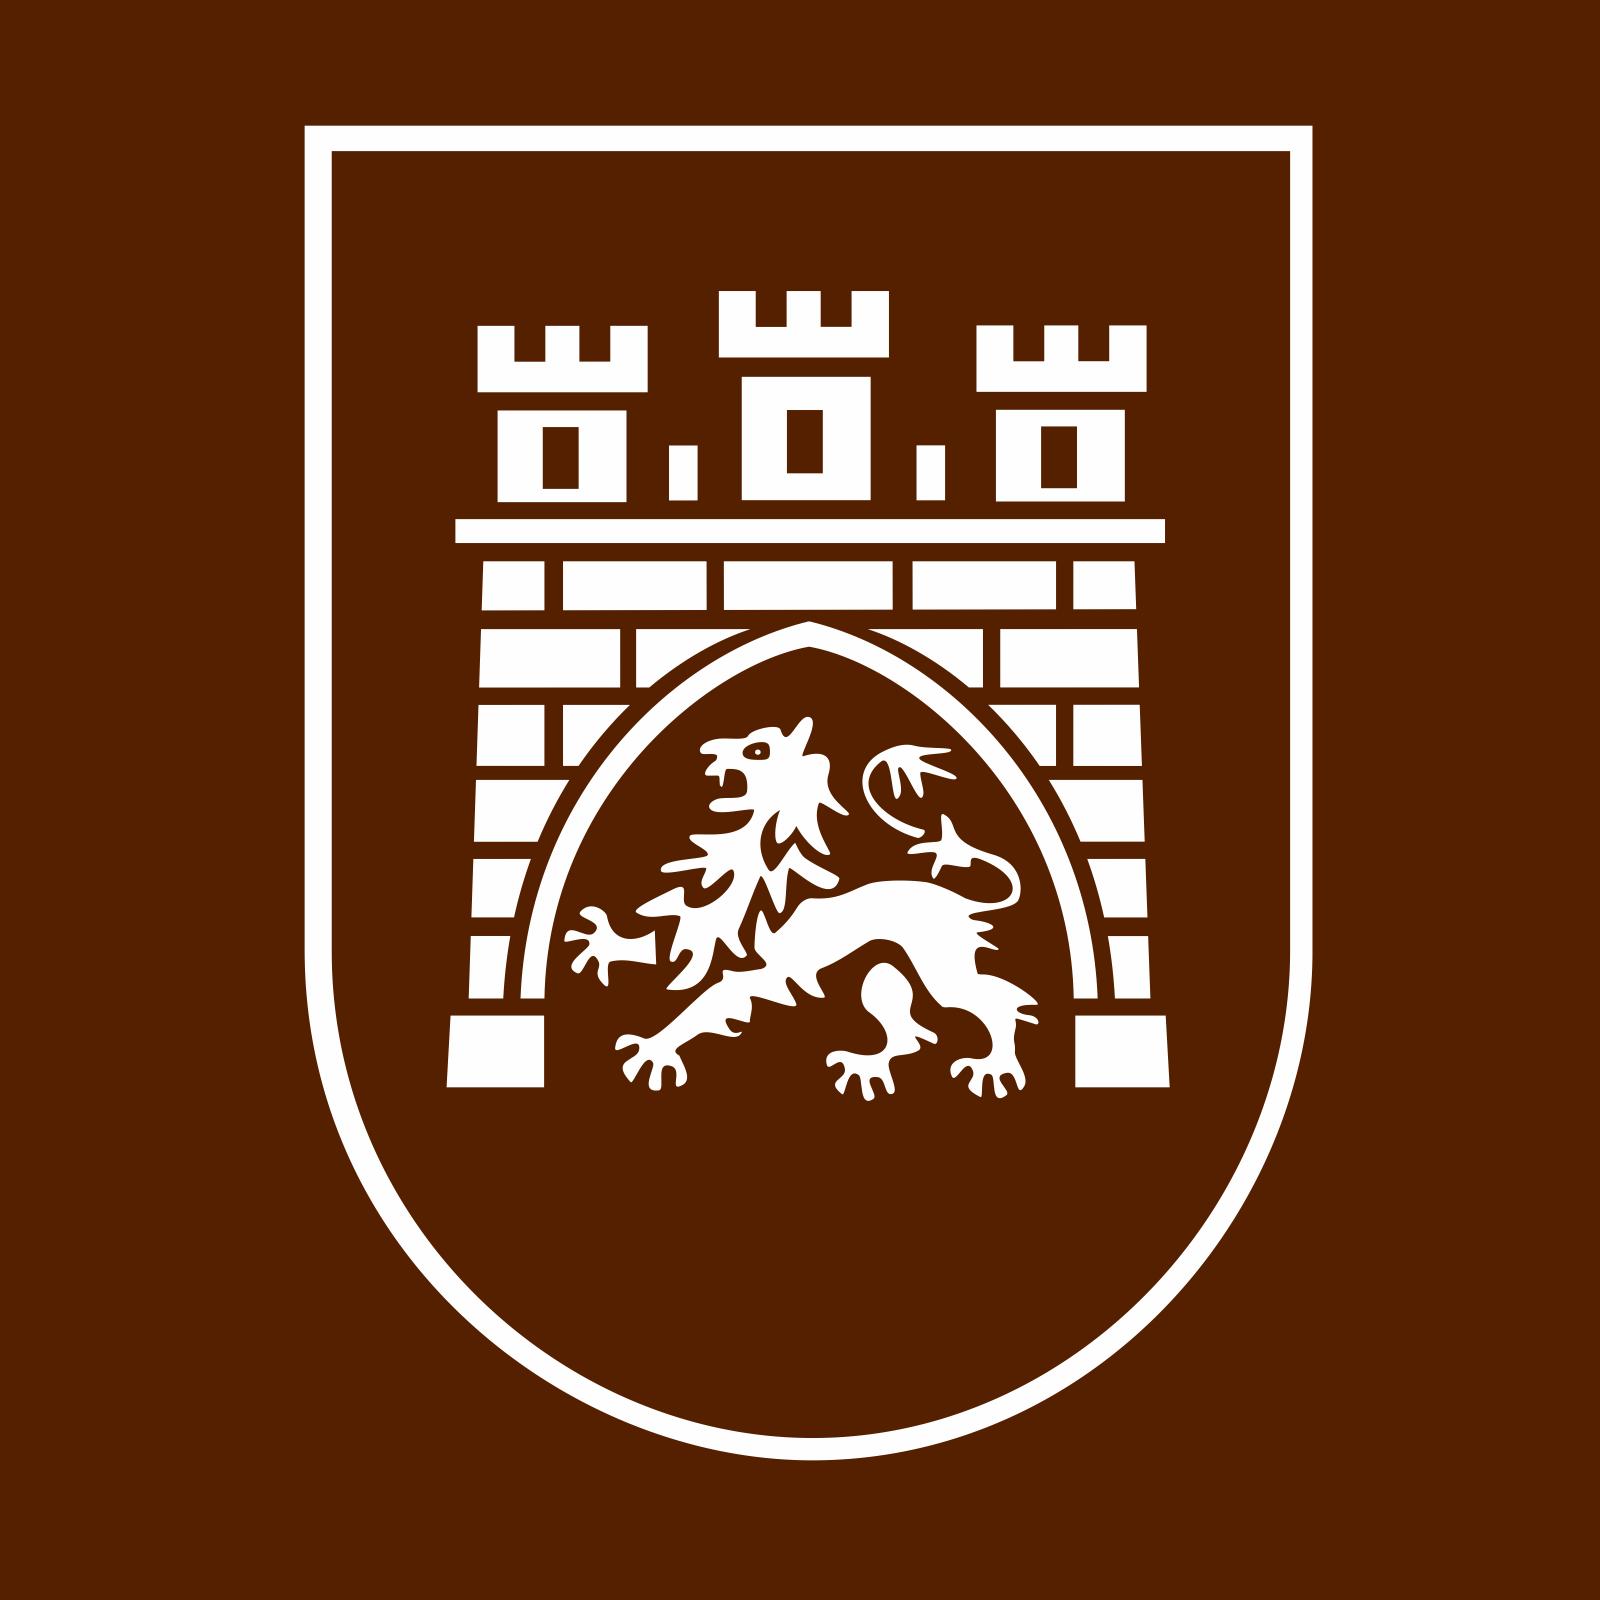 Герб львова в картинках